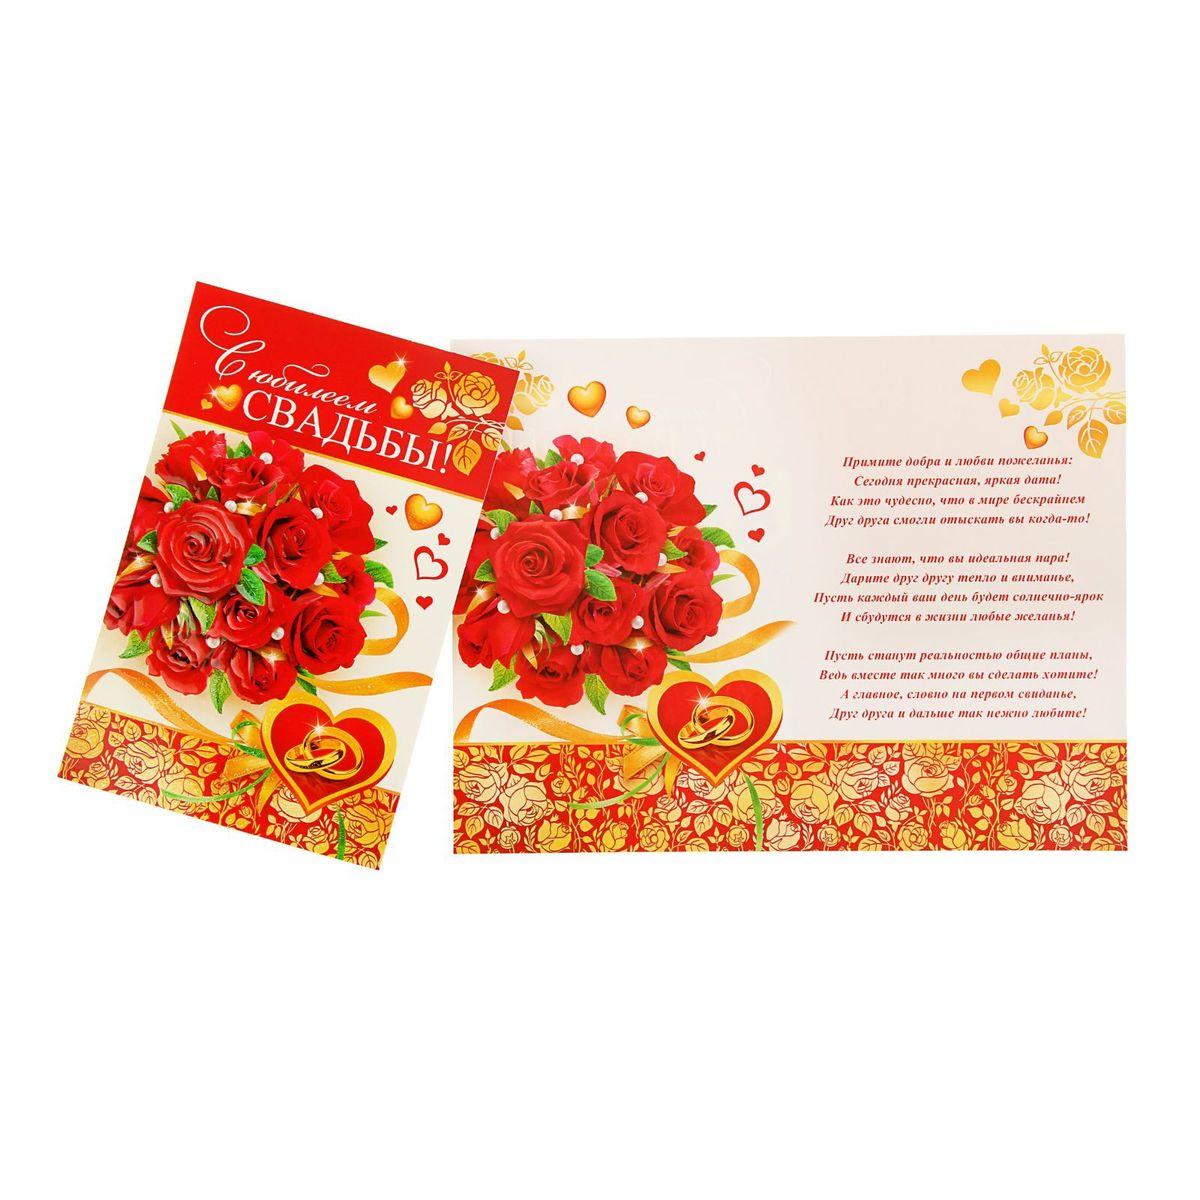 Открытка Мир открыток С юбилеем свадьбы!1185983Если вы хотите порадовать себя или близких, создать праздничное настроение и с улыбкой провести памятный день, то вы, несомненно, сделали правильный выбор! Открытка Мир открыток С юбилеем свадьбы!, выполненная из картона, отличается не только оригинальным дизайном, но и высоким качеством.Лицевая сторона изделия оформлена красивым изображением букета красных роз, дополнена тиснением золотистой фольгой и глиттером. Внутри открытка содержит текст с поздравлением.Такая открытка непременно порадует получателя и станет отличным напоминанием о проведенном вместе времени.